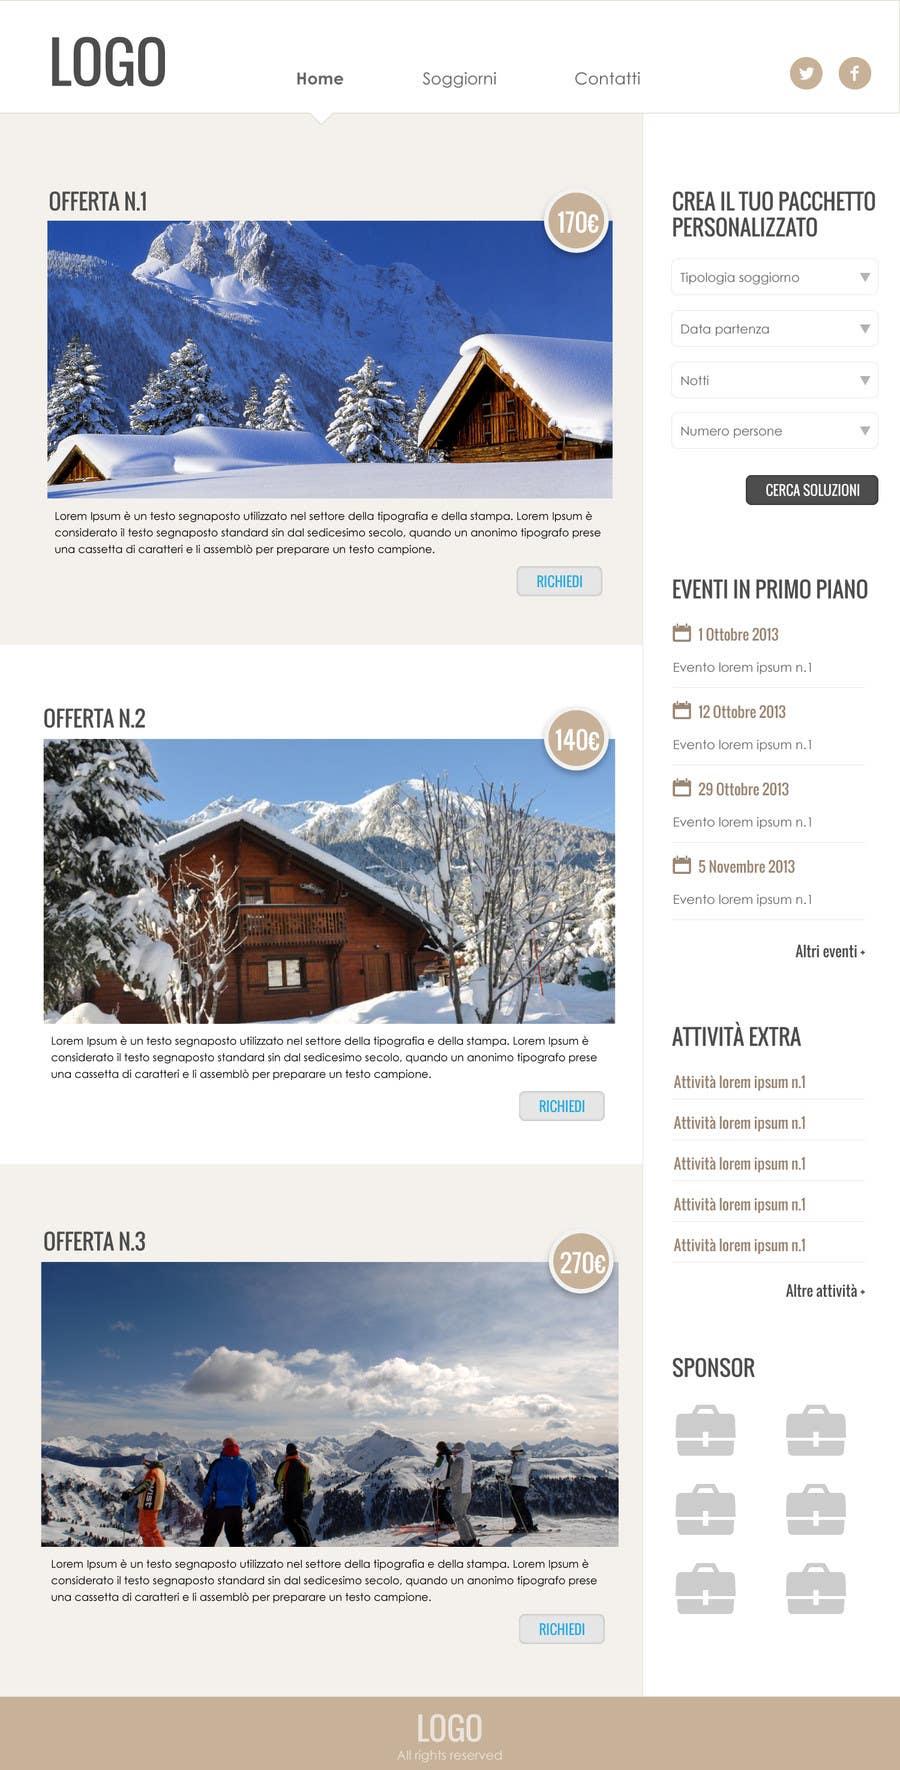 Bài tham dự cuộc thi #                                        6                                      cho                                         Disegnare la Bozza di un Sito Web for: offerte soggiorni (con attività) in località turistica di montagna